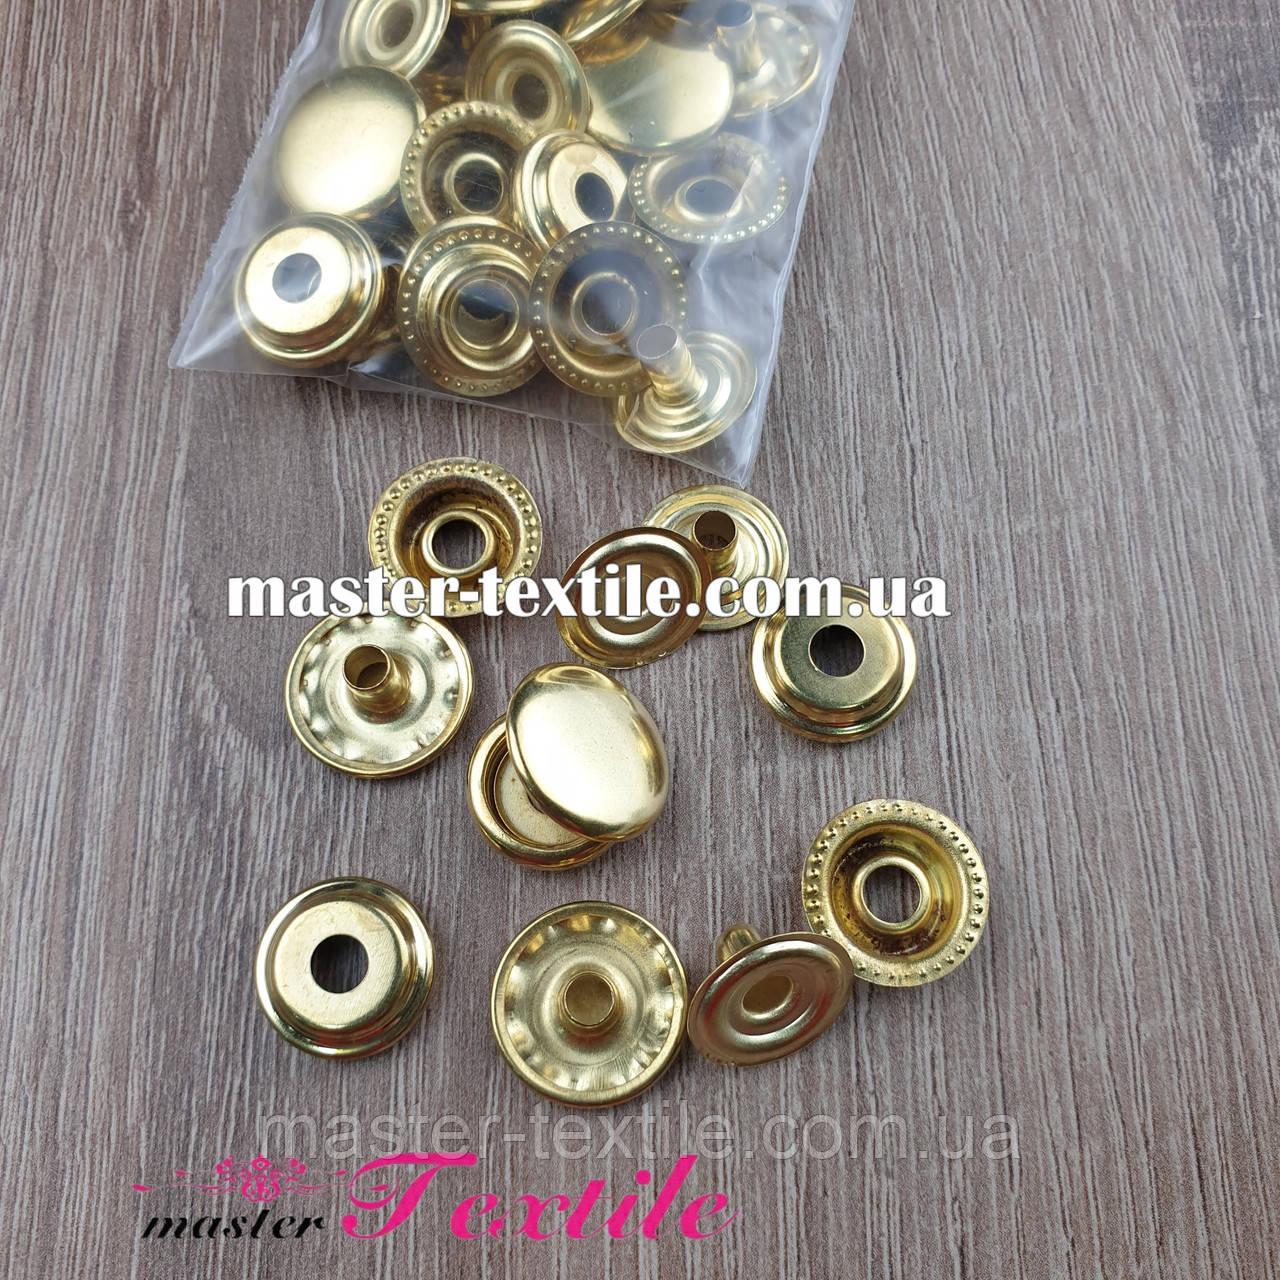 Кнопка 10 мм (кошелечная) золото